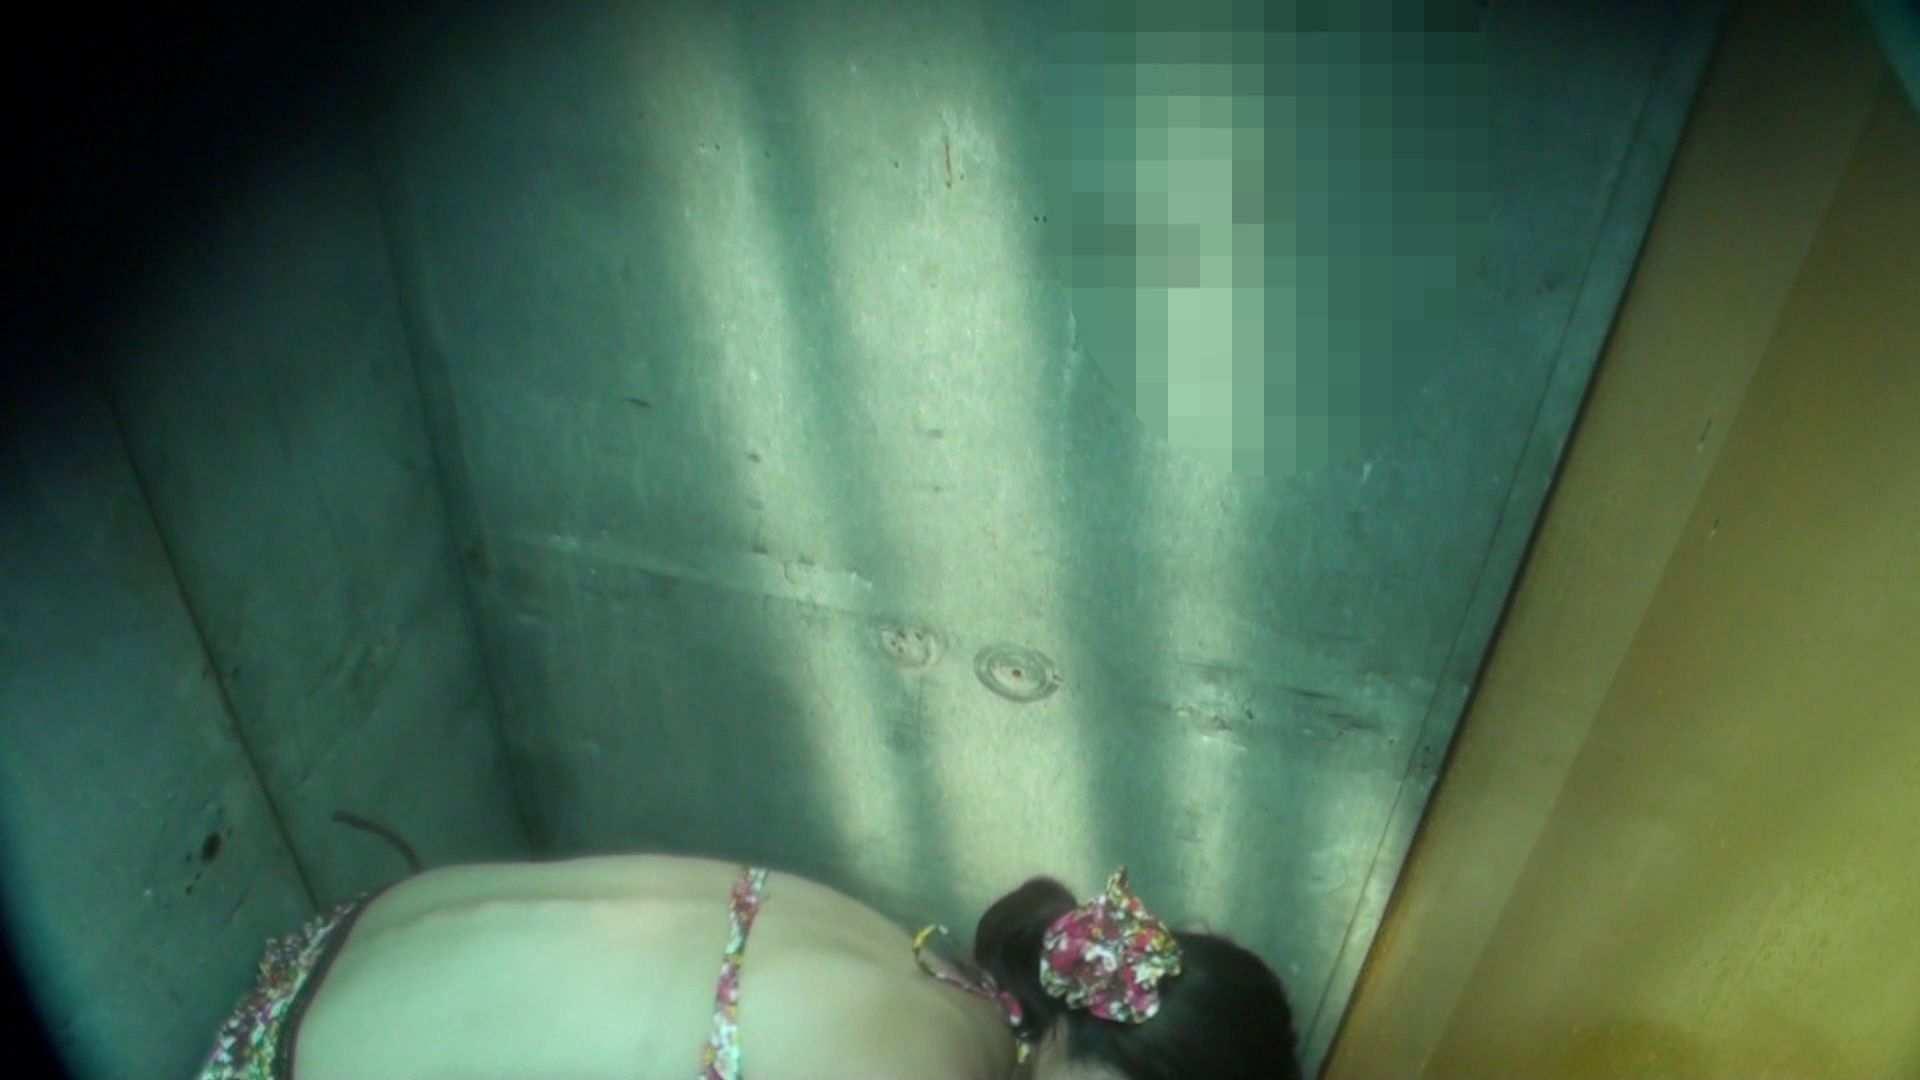 シャワールームは超!!危険な香りVol.16 意外に乳首は年増のそれ 高画質 覗きスケベ動画紹介 108画像 10